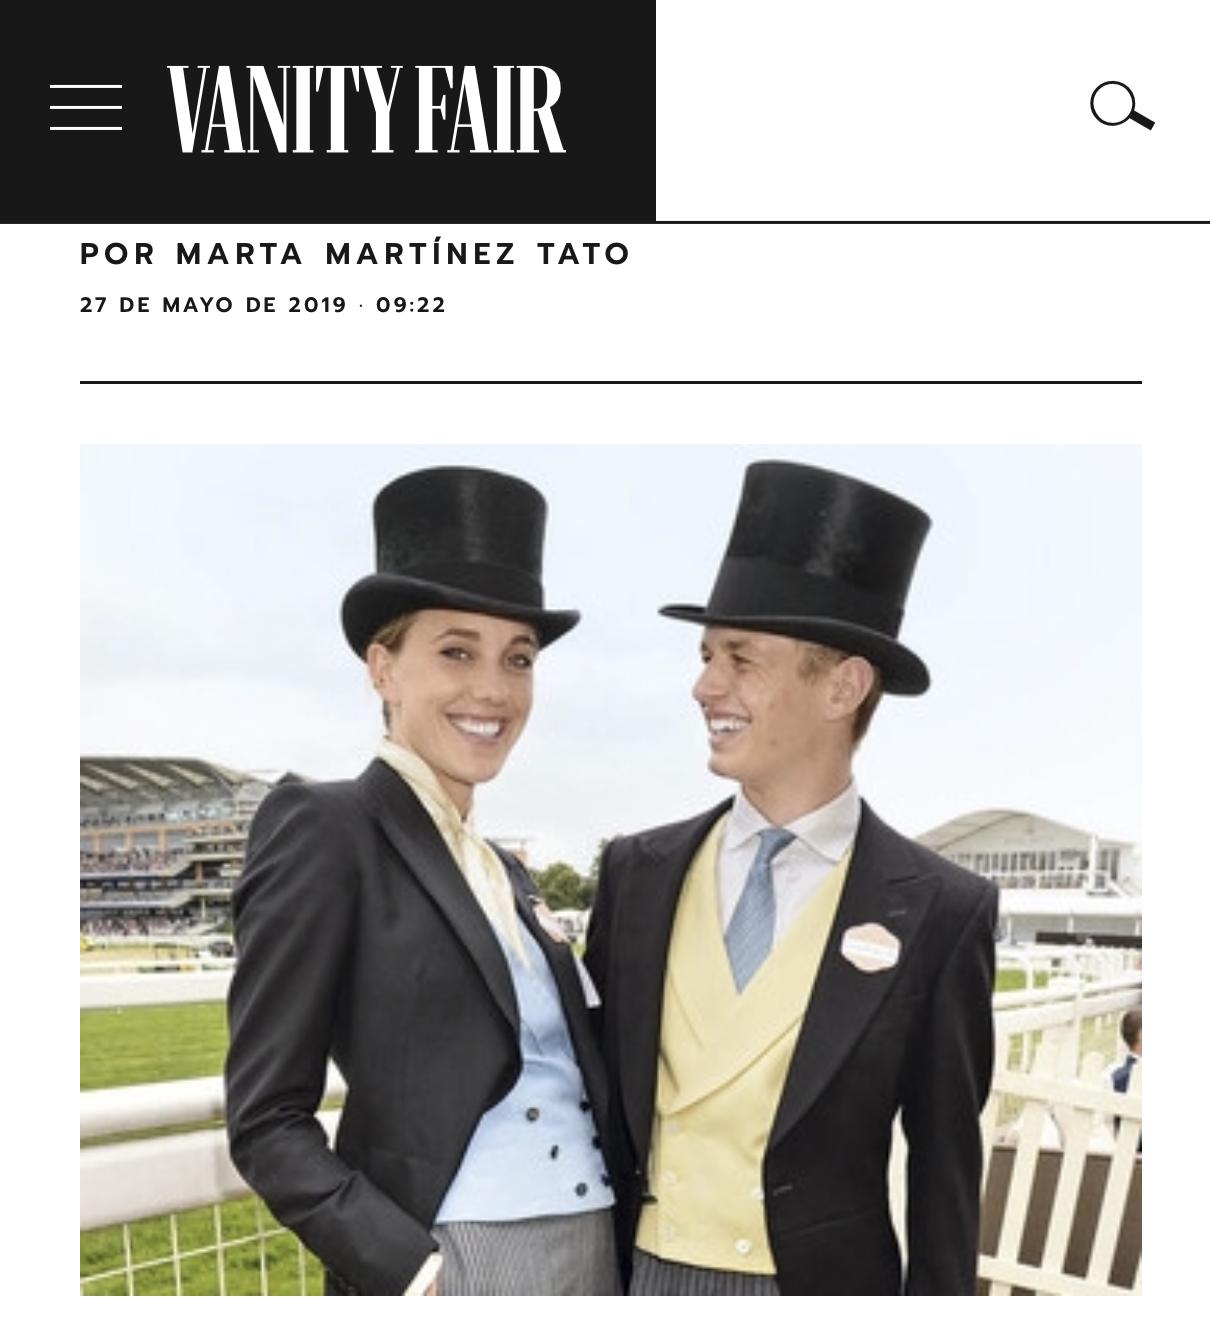 Vanity Fair - La bisnieta que esta revolucionando la sastrería femenina. En 2016, Knatchbull se convirtió en la primera mujer en desafíar la etiqueta de Ascot vistiendo un traje de caballero